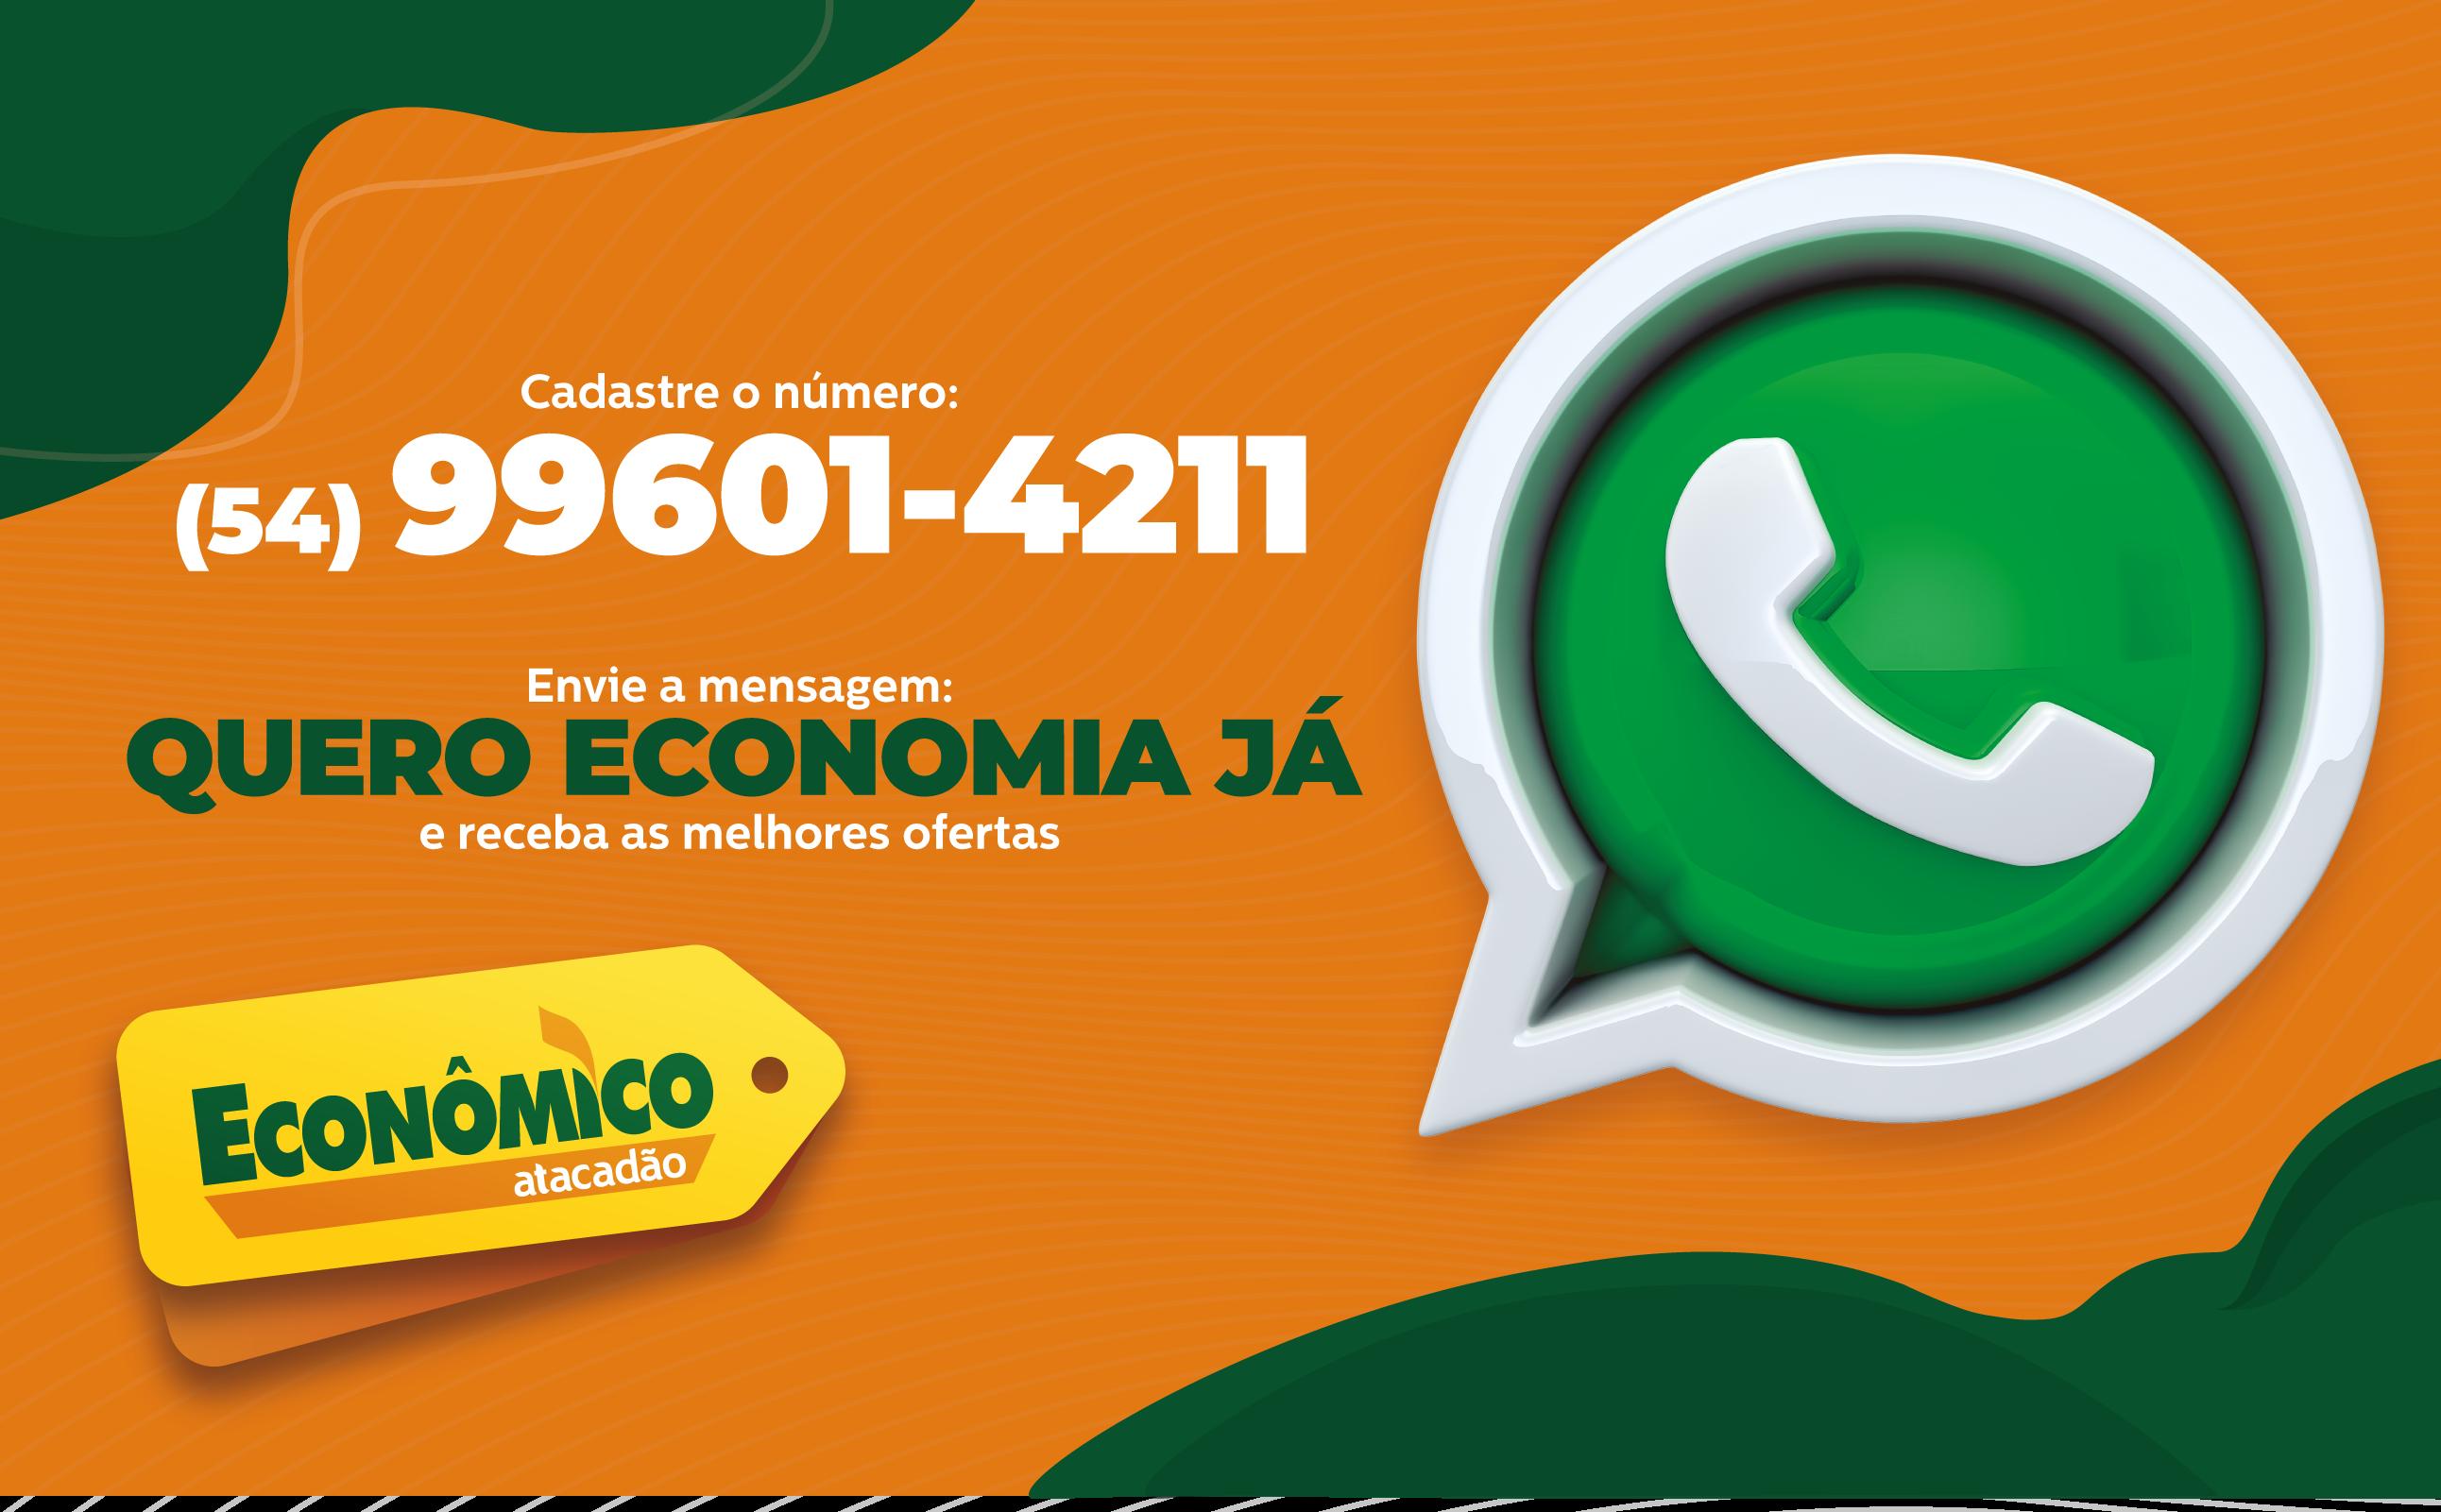 Cadastre-se no WhatsApp do Econômico Atacadão RS